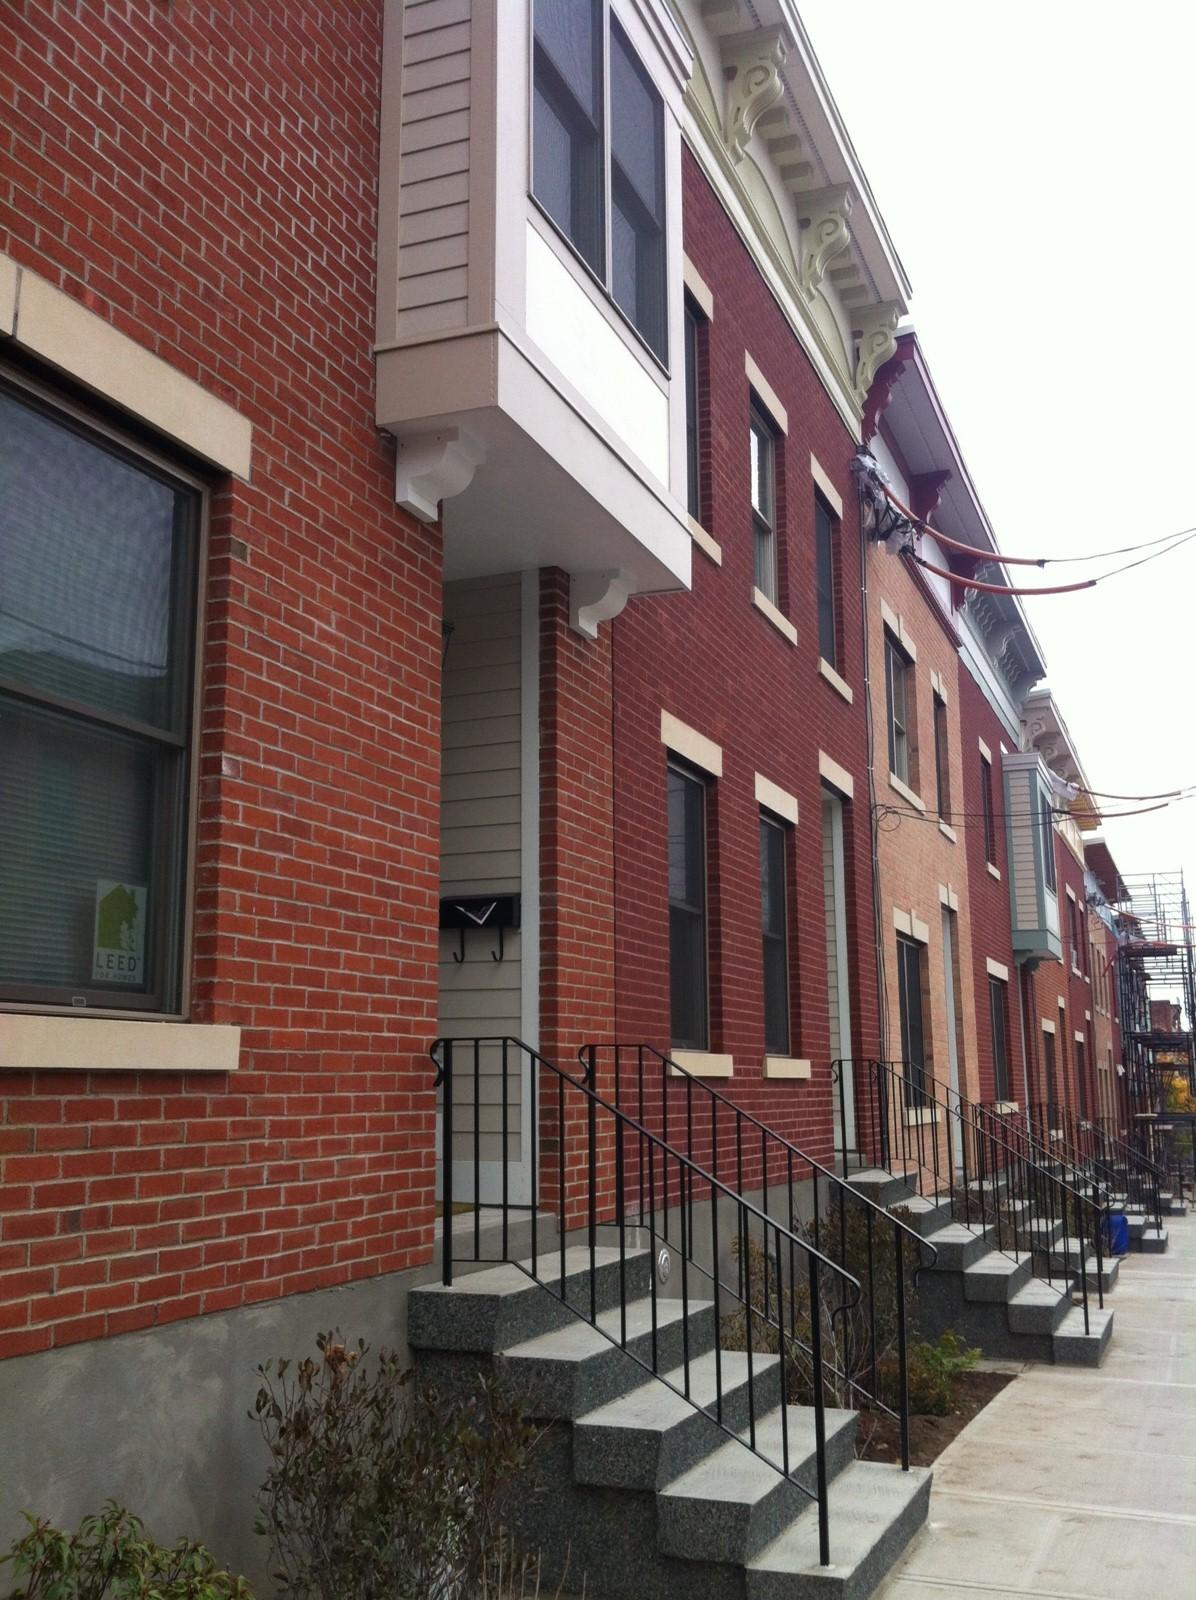 Alexander Street, Albany NY south end habitat homes